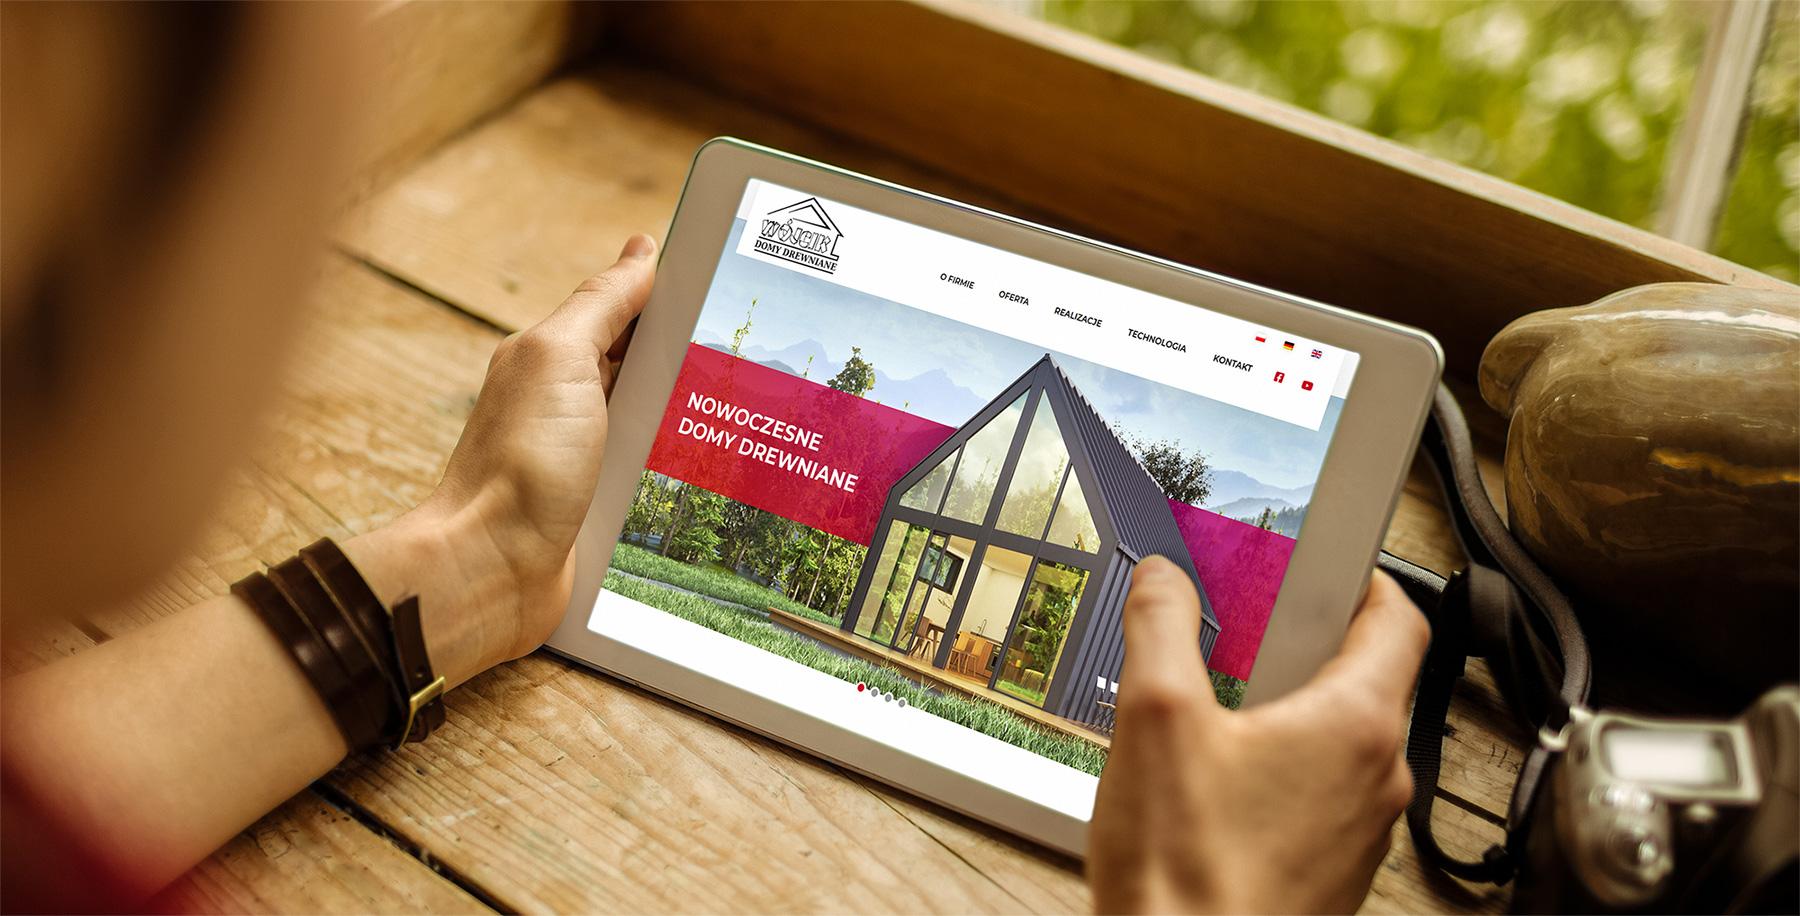 Domy Drewniane Wójcik / <span>Strona internetowa z wizualizacjami 3D</span>